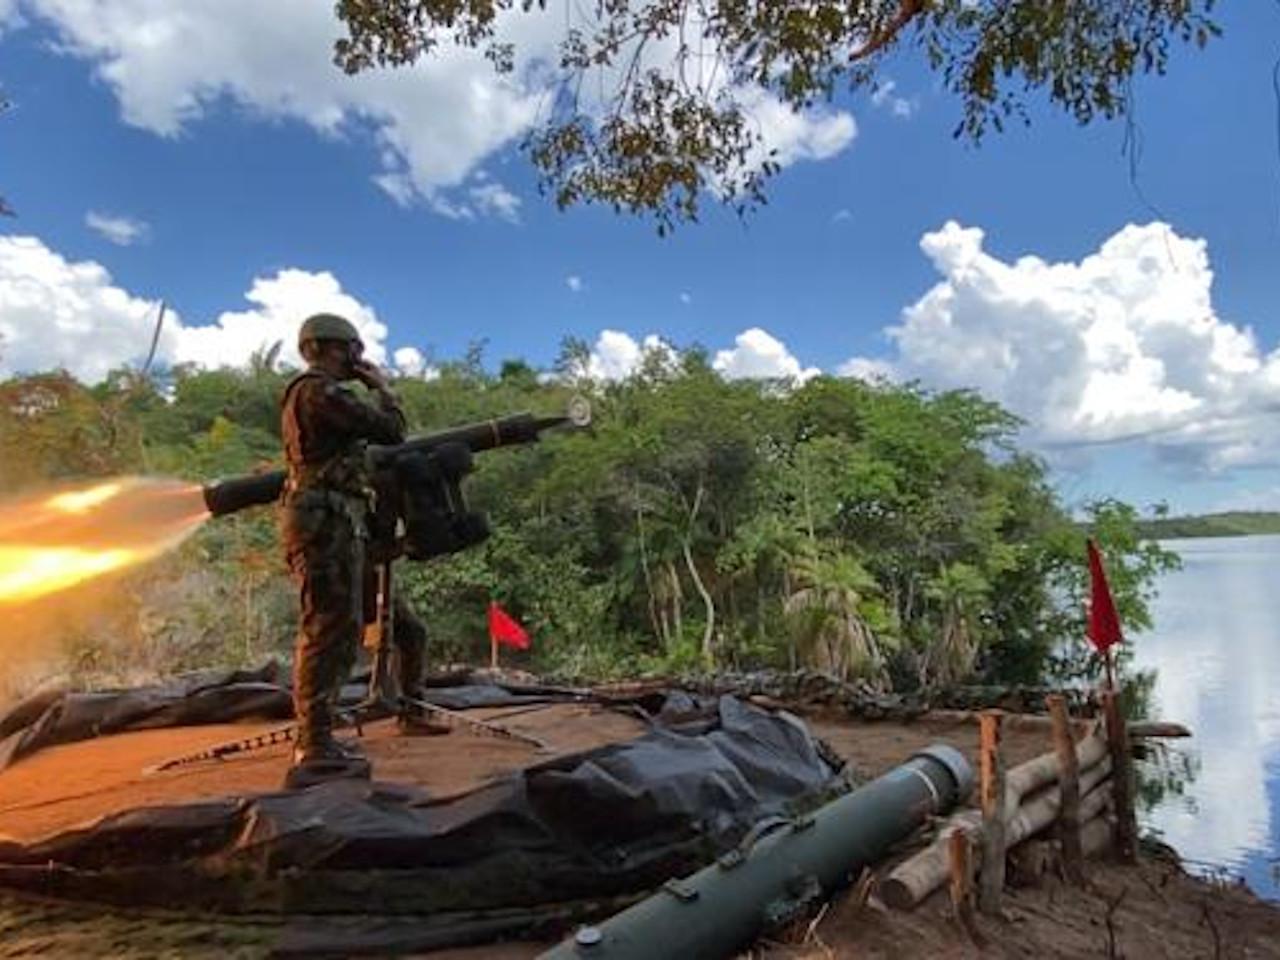 12º Grupo de Artilharia Antiaérea de Selva executa primeiro tiro do míssil RBS-70 na Amazônia